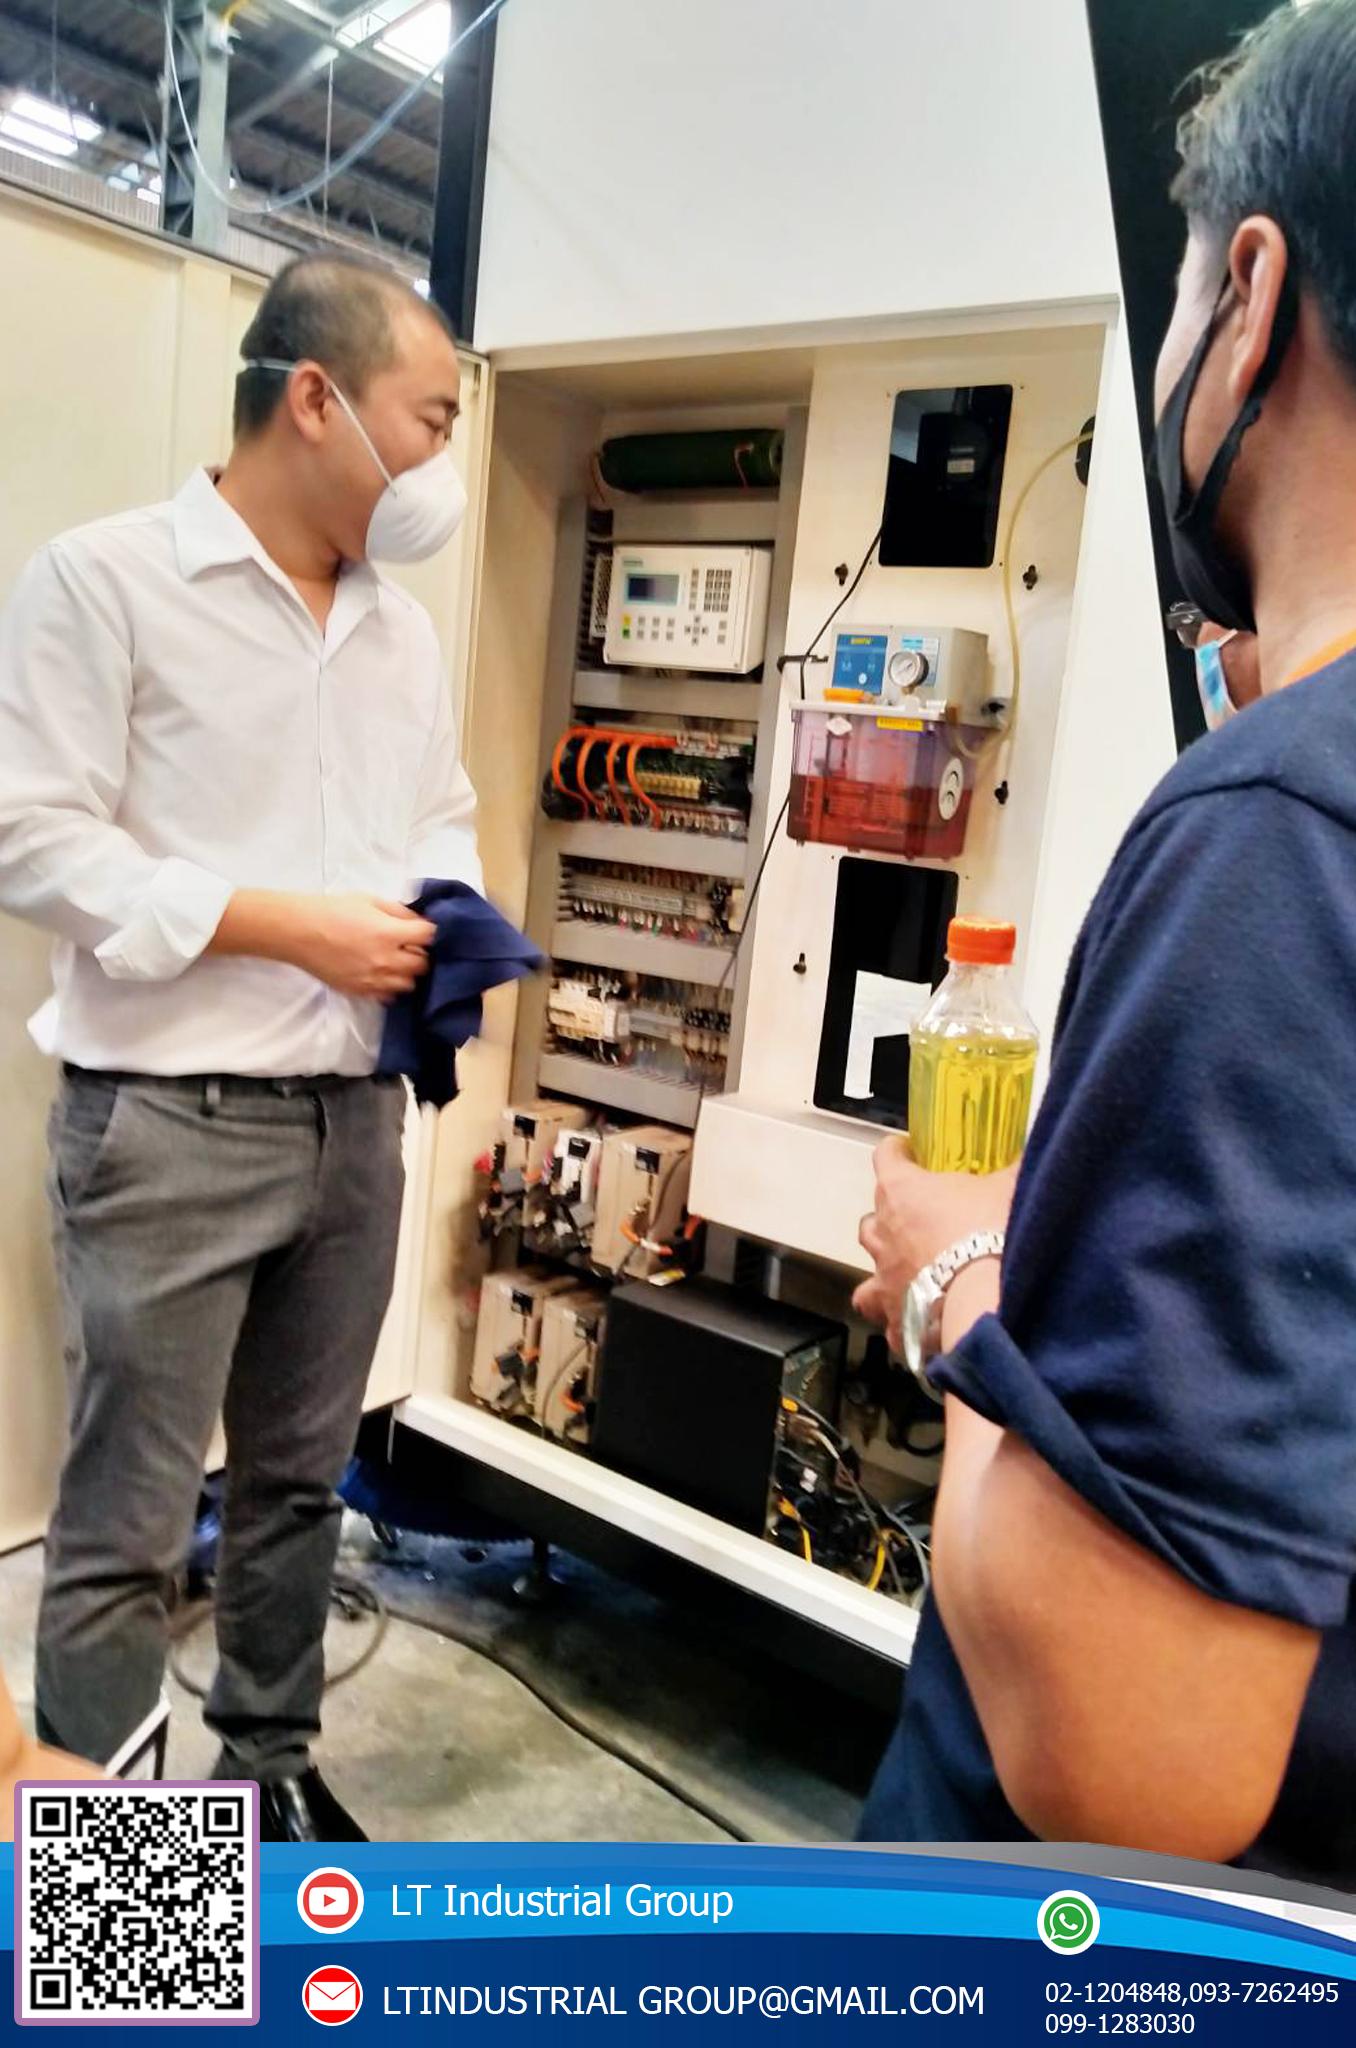 บริการให้คำแนะนำเกี่ยวกับการใช้เครื่อง fiber laser ให้ลูกค้า